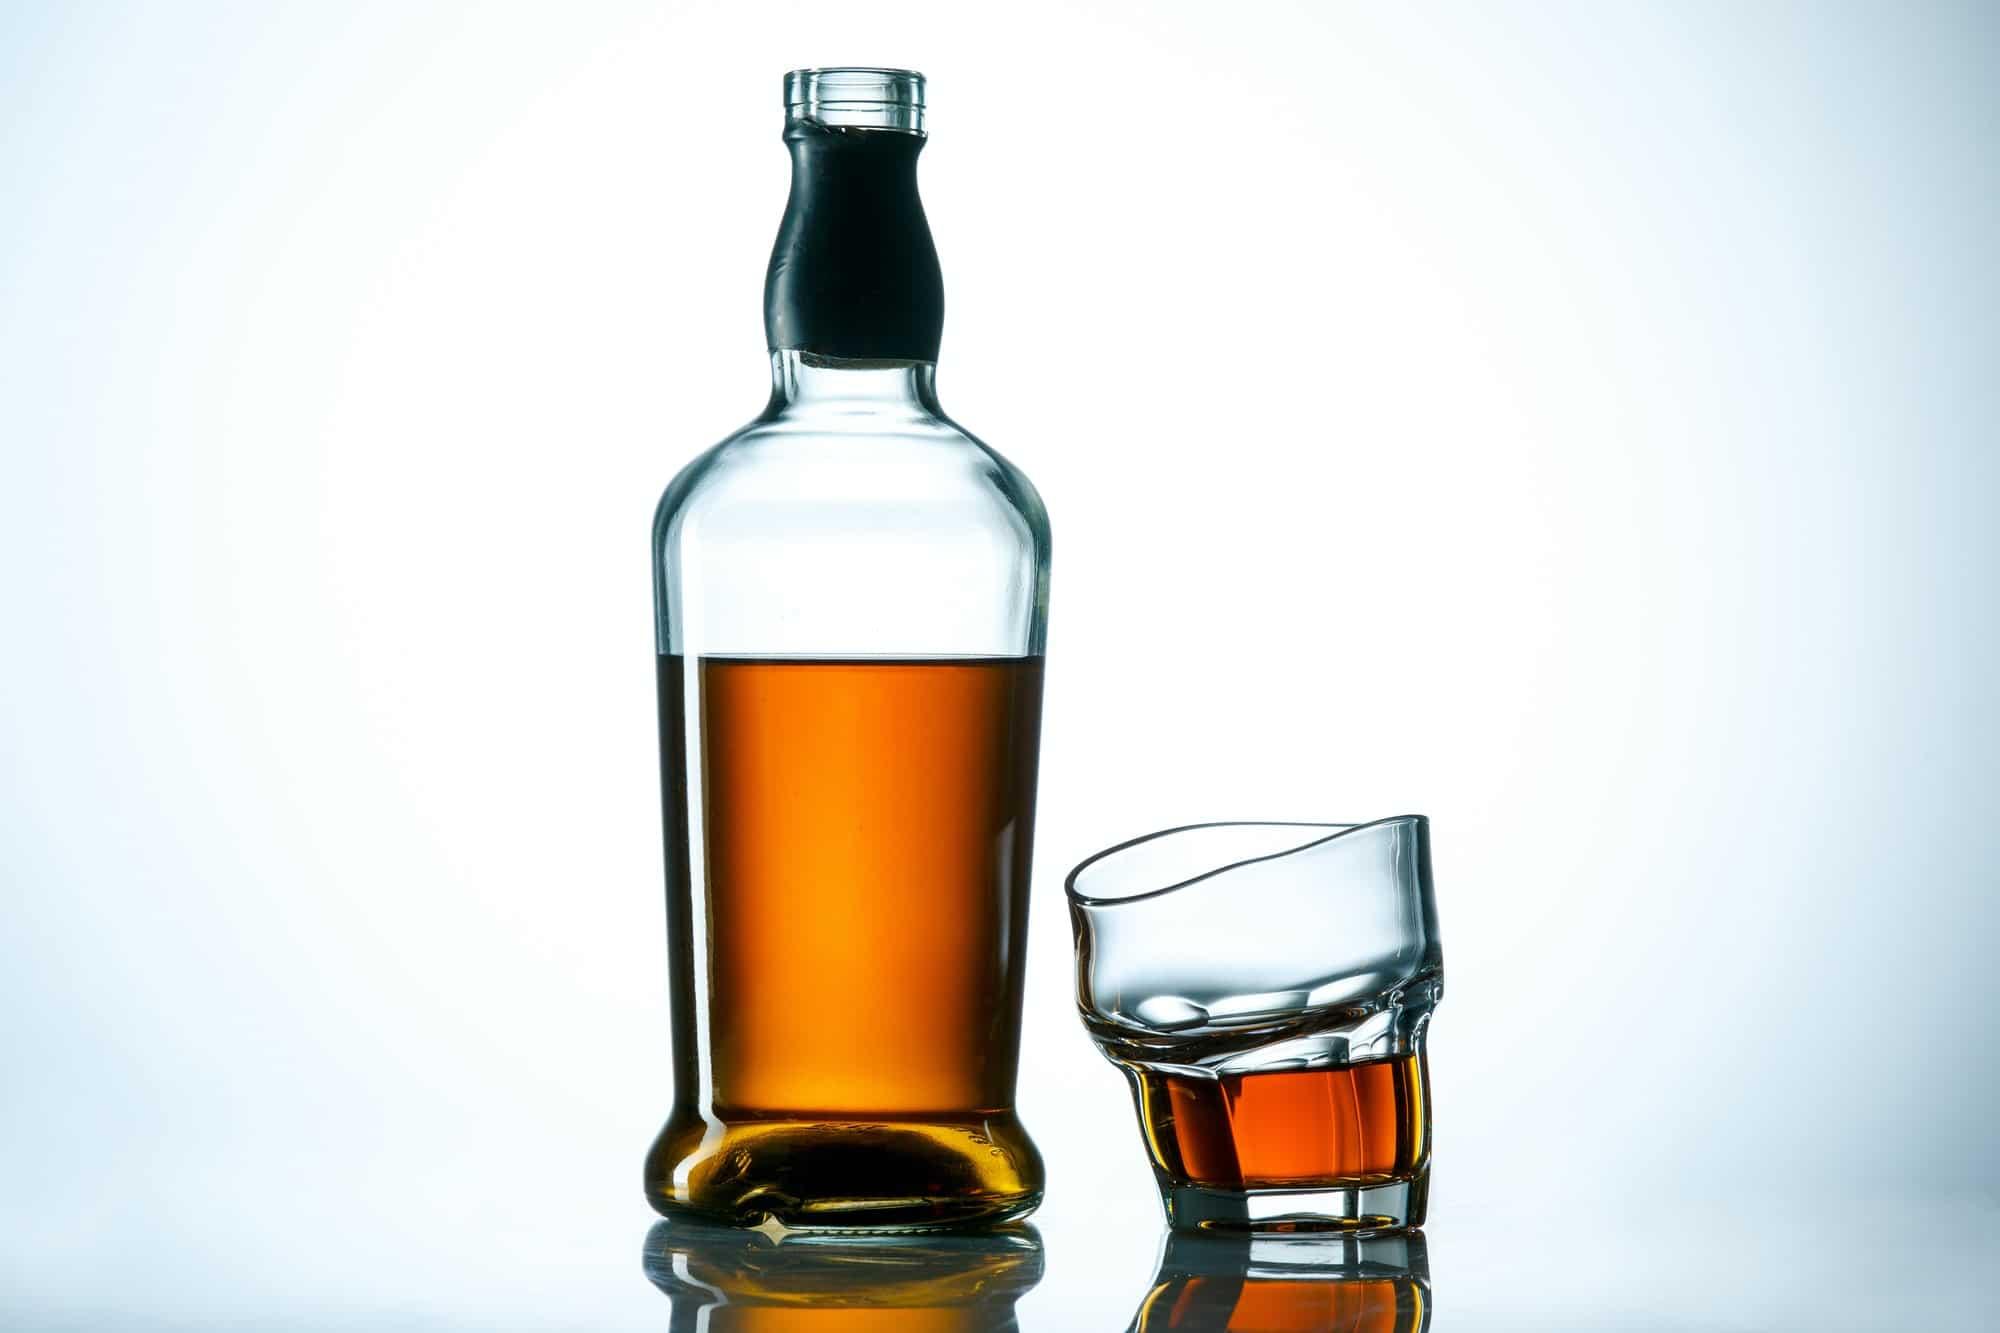 bouteille et verre d'alcool